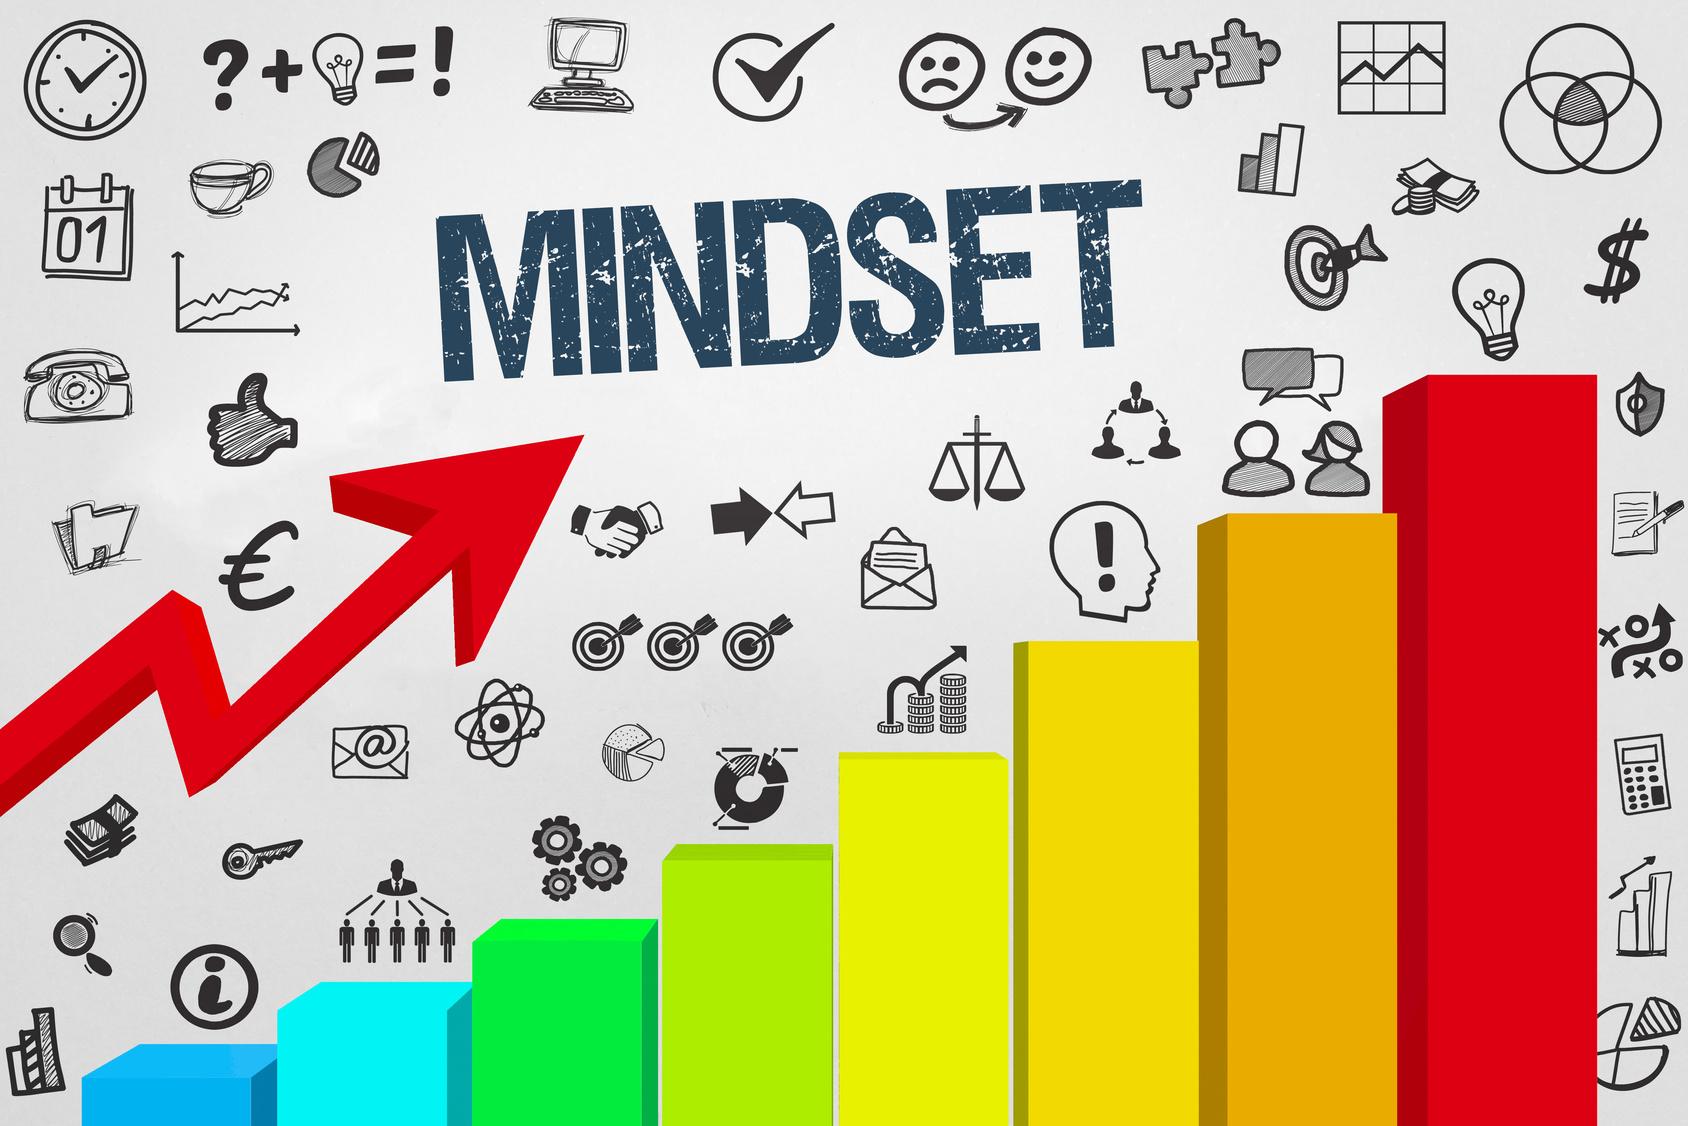 投資家心理が変化するきっかけは?各経済指標から株を売買するタイミングを掴もう。